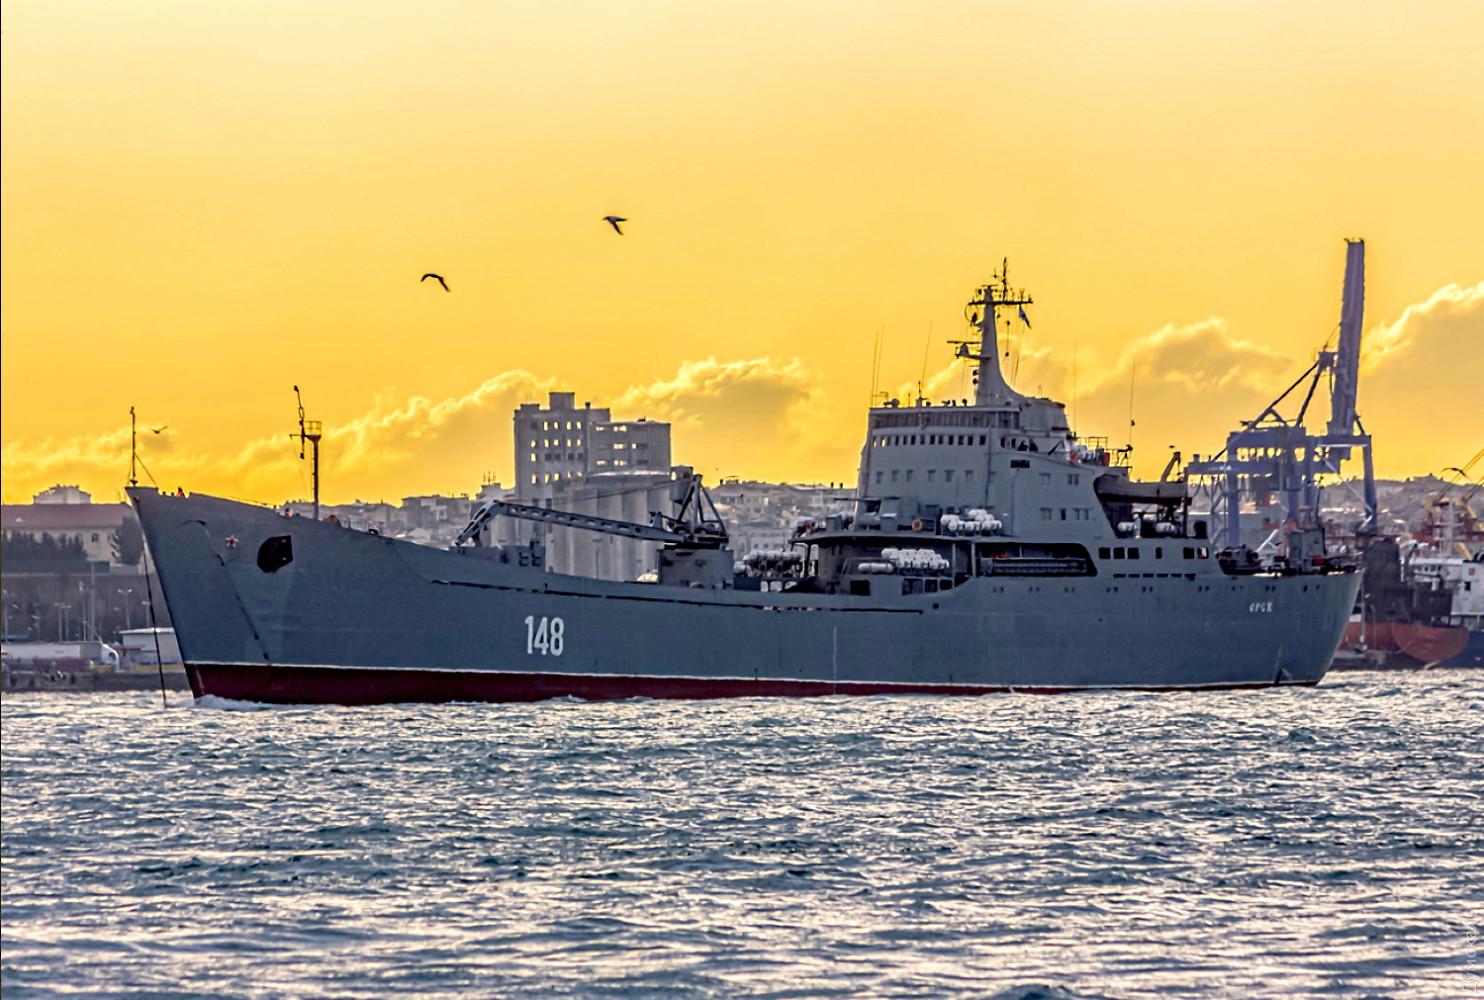 Не доплыл: российский БДК притащили на буксире в Черное море. ФОТО